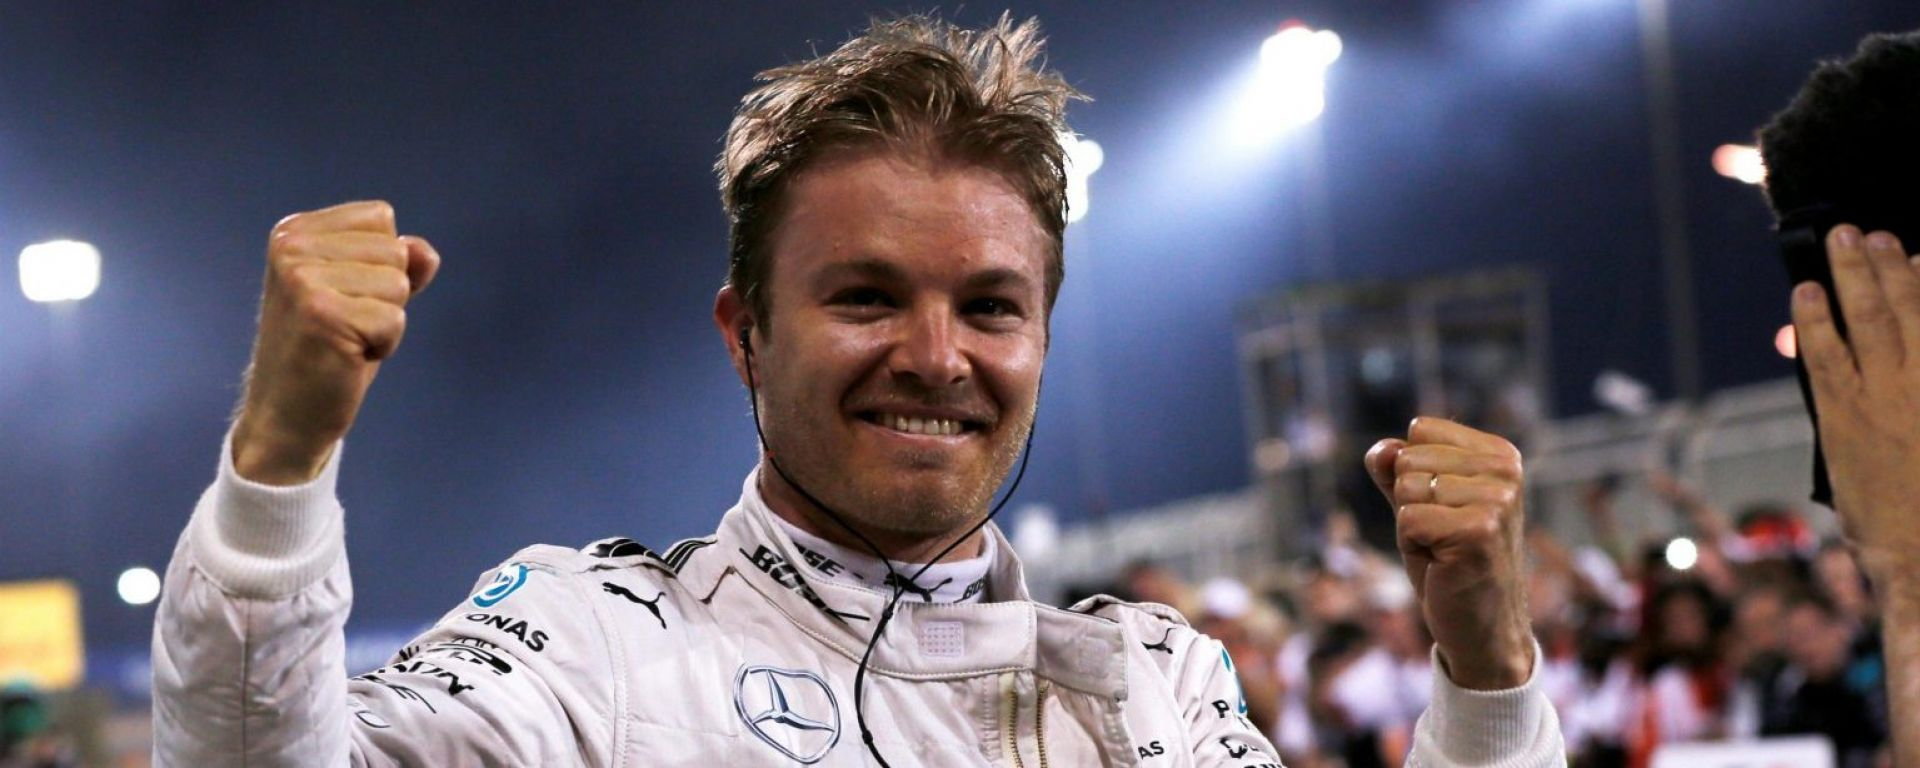 F1 GP Bahrain: le pagelle